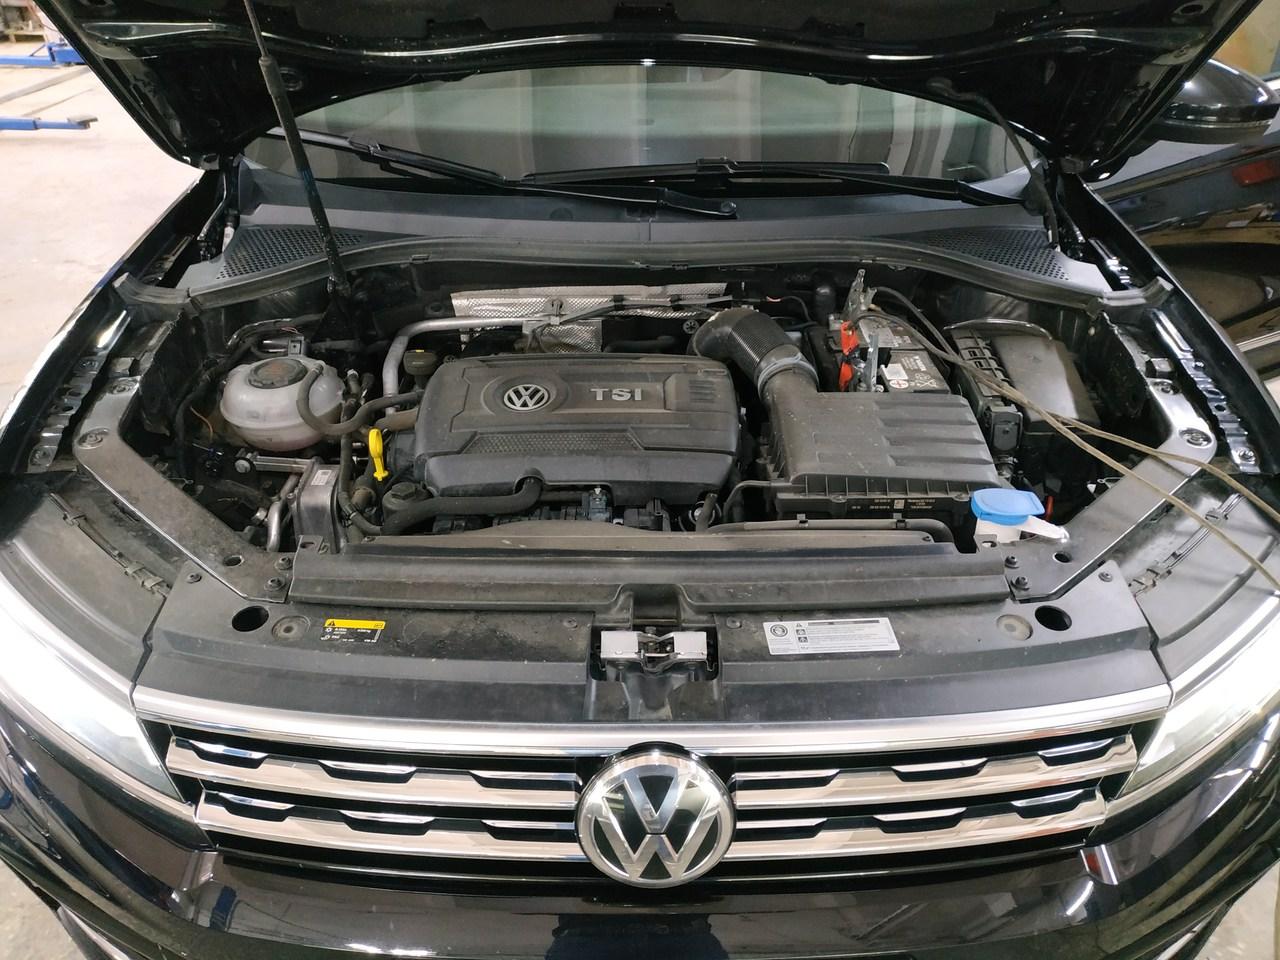 двигатель VW 2.0 TSI, чип тюнинг